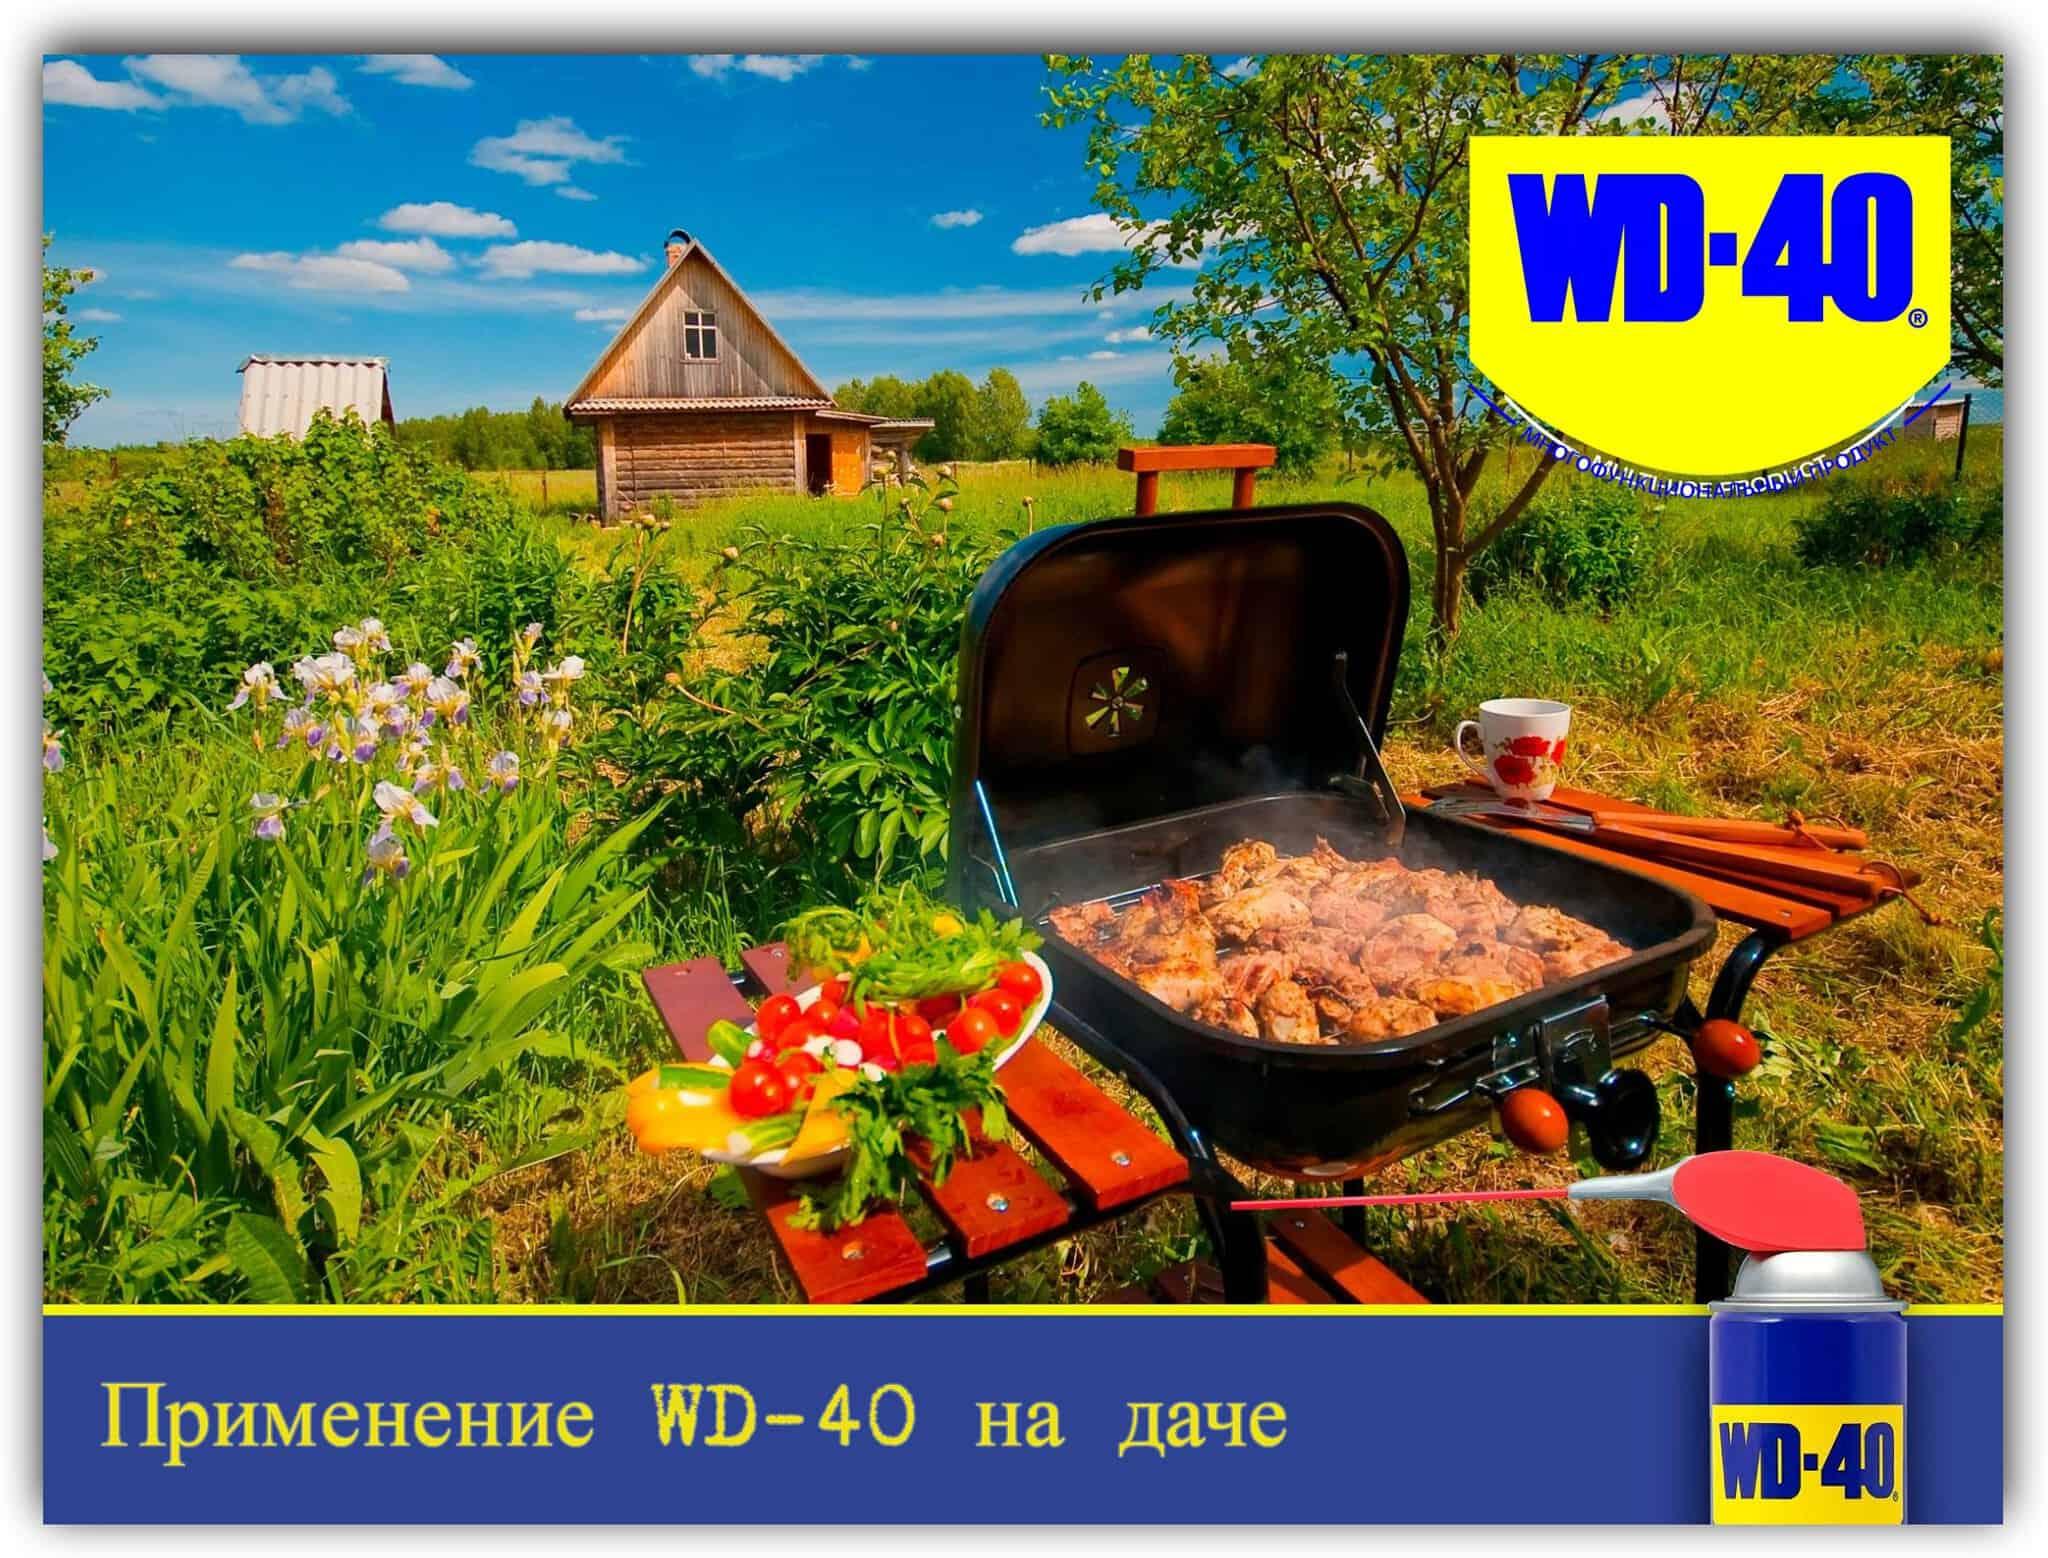 Применение WD-40 летом на даче и дома